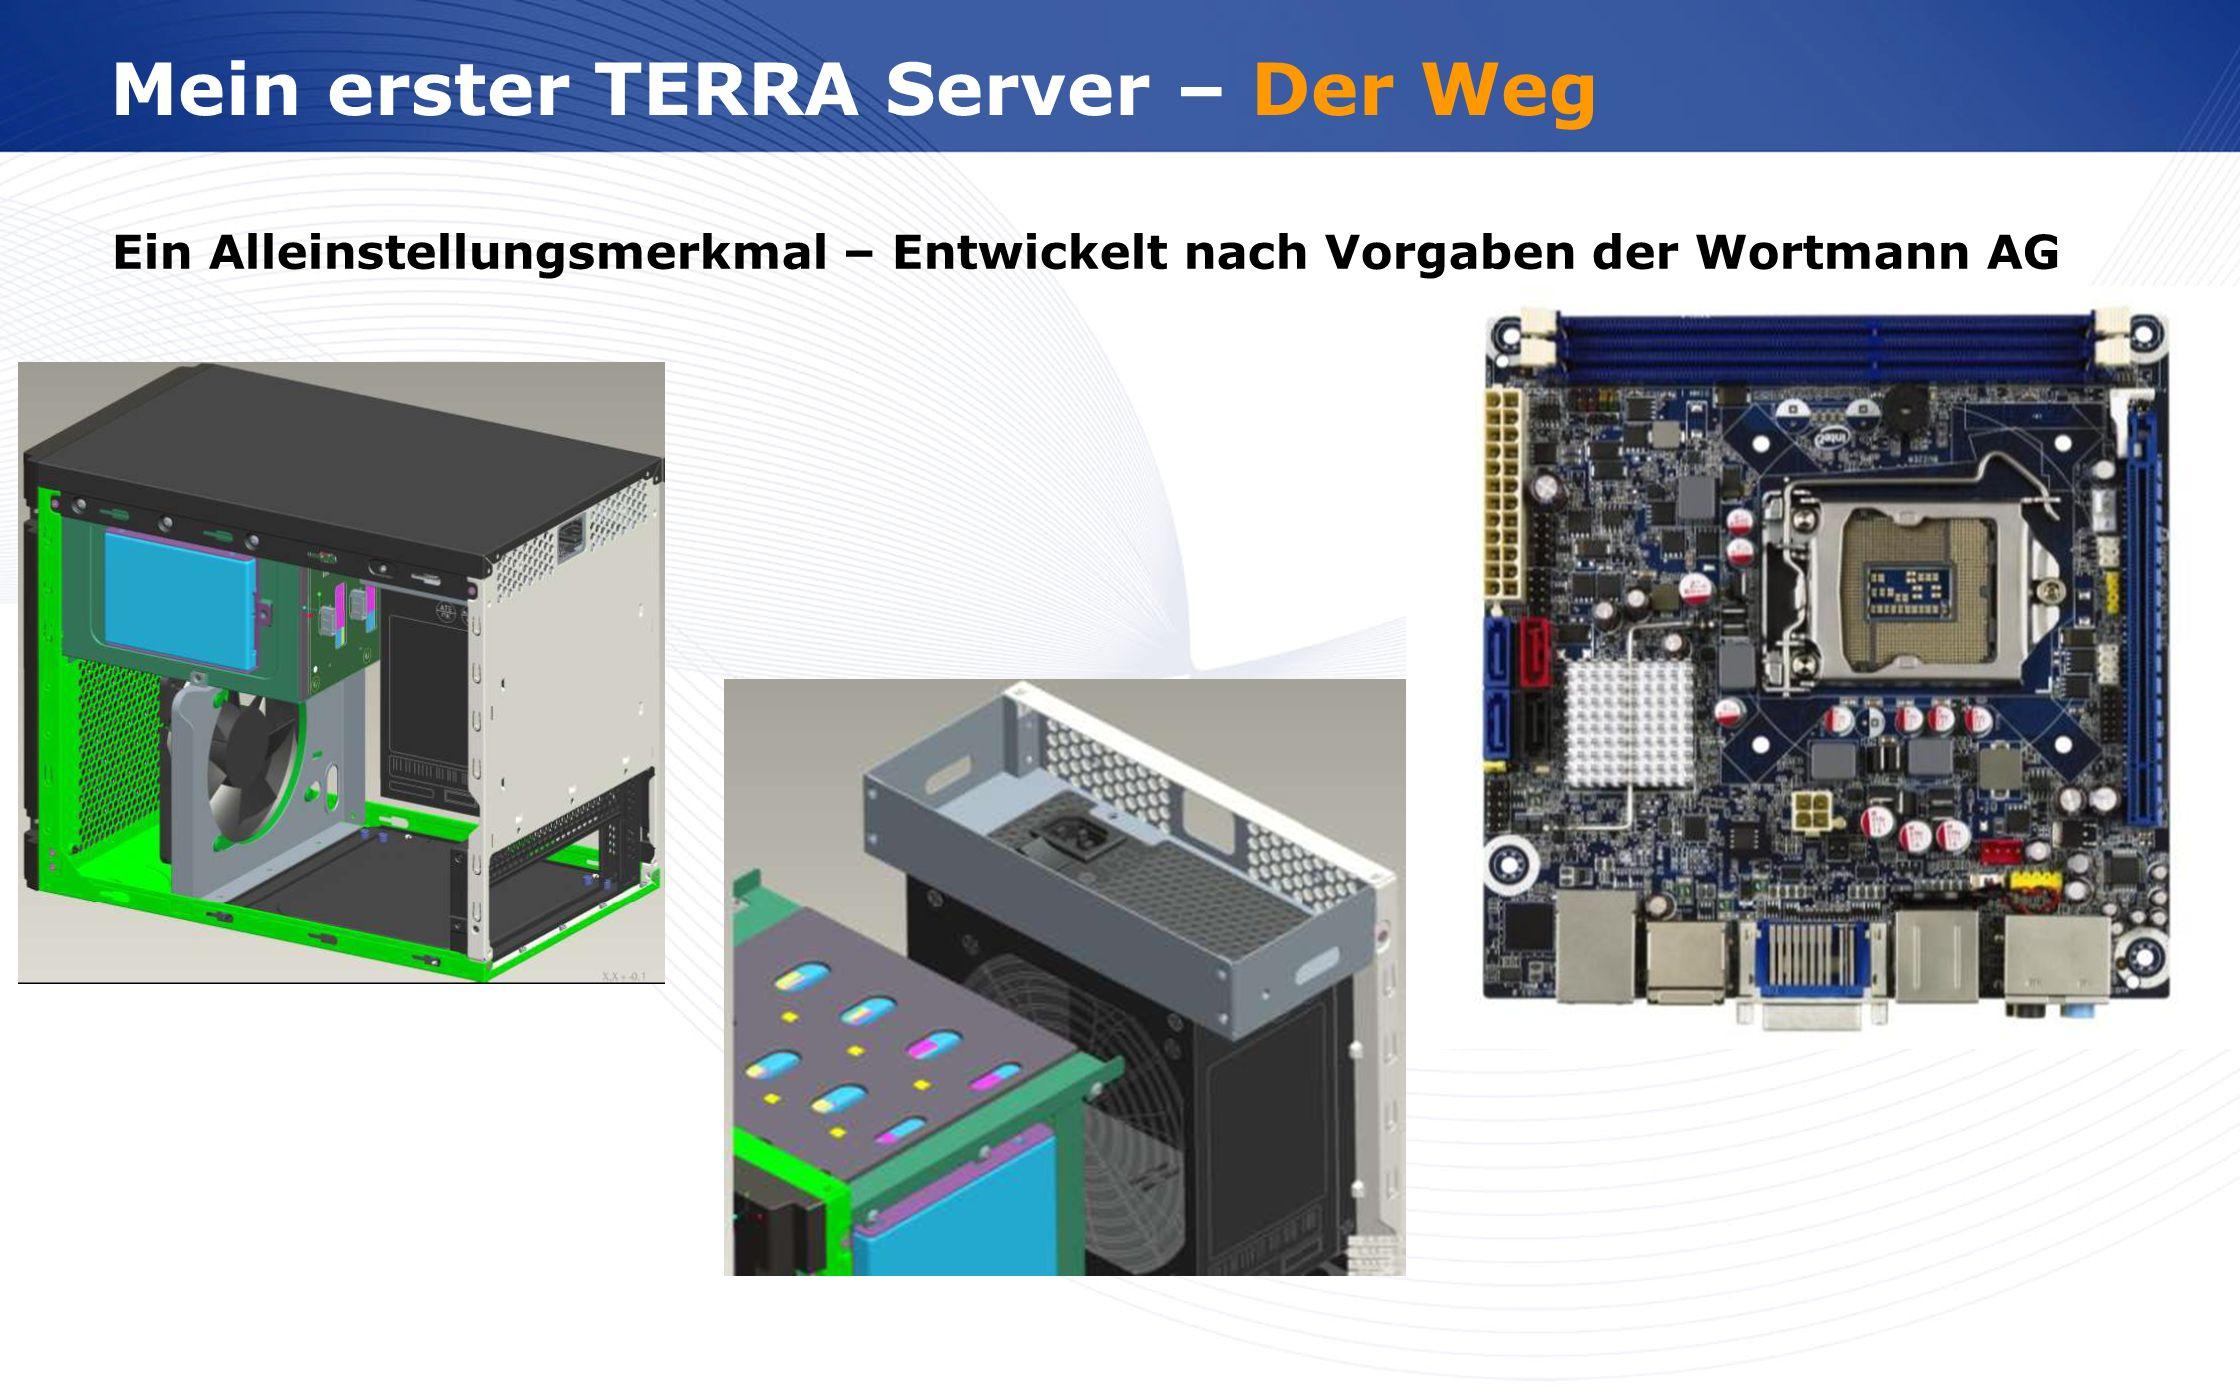 TERRA MINISERVER – Avance für Modular Server Vorankündigung Neuentwicklung für den Modular Server Spiegelung zweier Modular Server Center Geringer Mehraufwand durch den Einsatz von zwei Systemen gegenüber einem redundanten Center